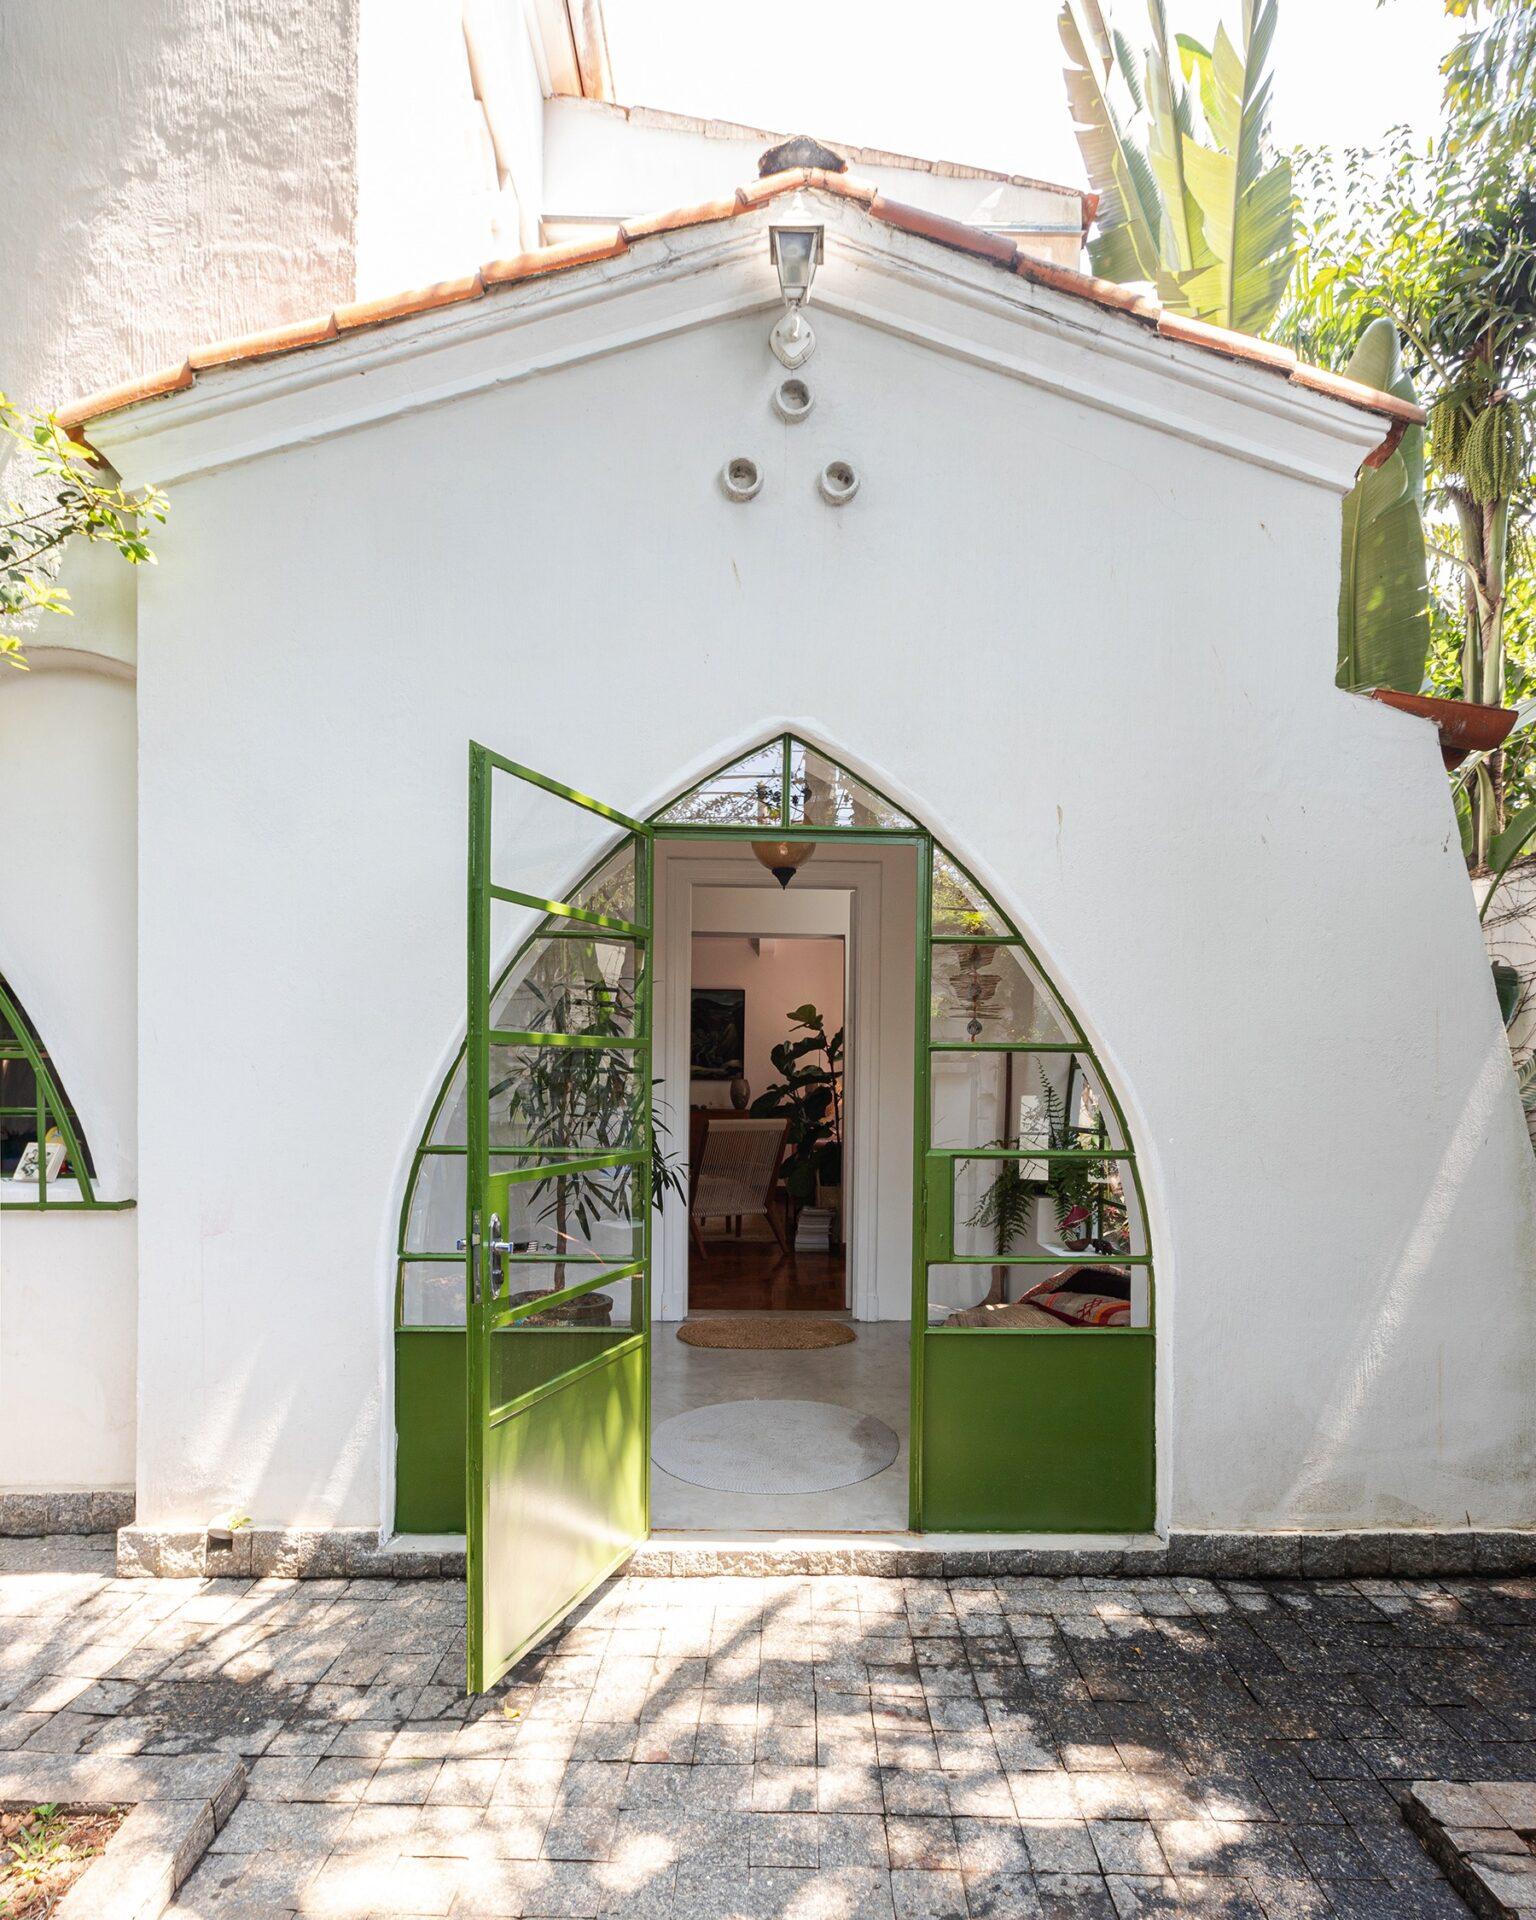 Casa antiga com portas de serralheria verde